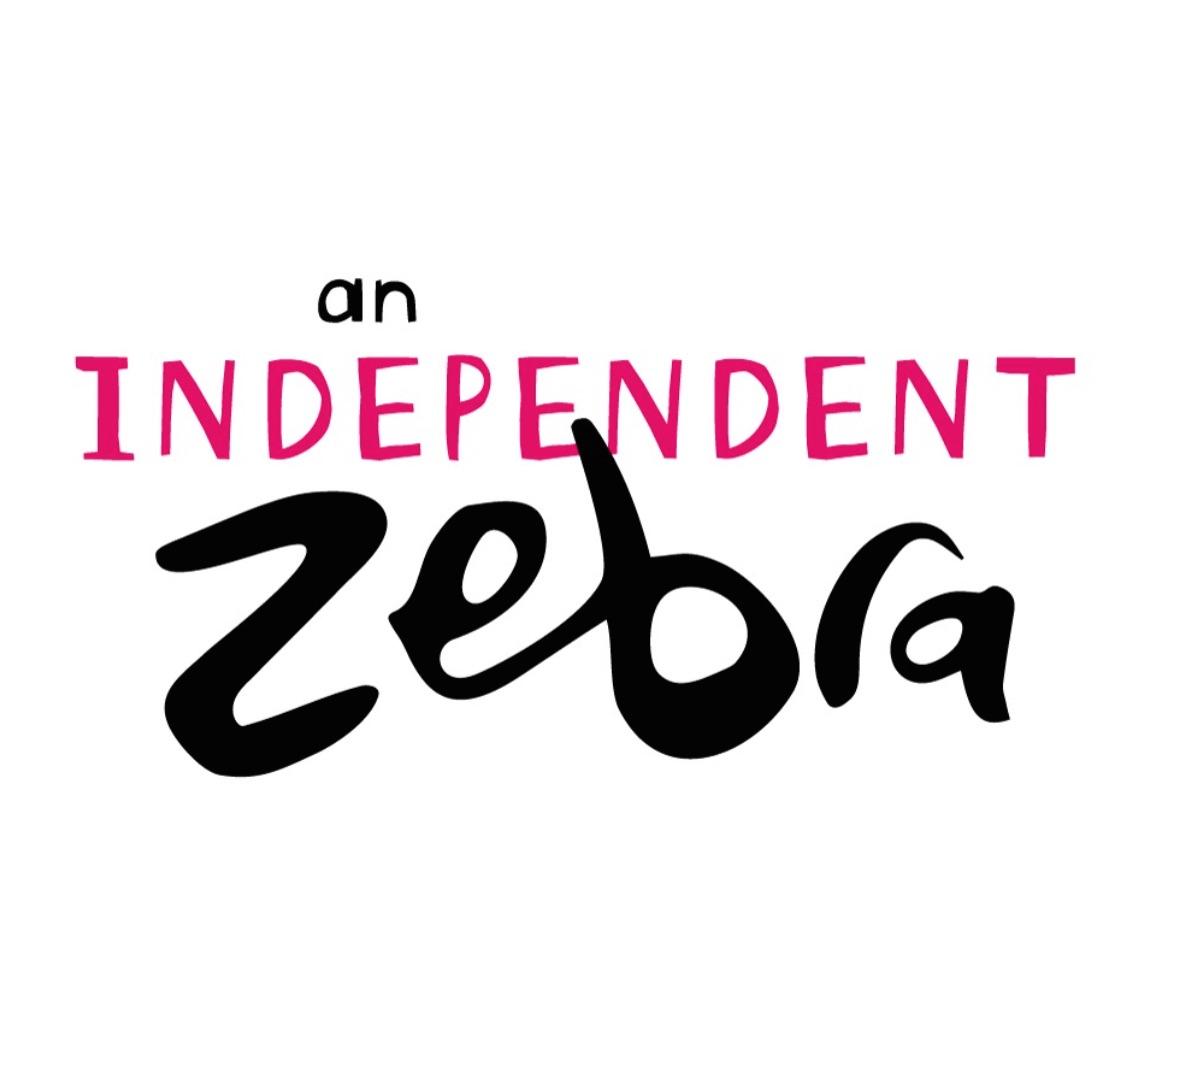 AN INDEPENDENT ZEBRA LTD